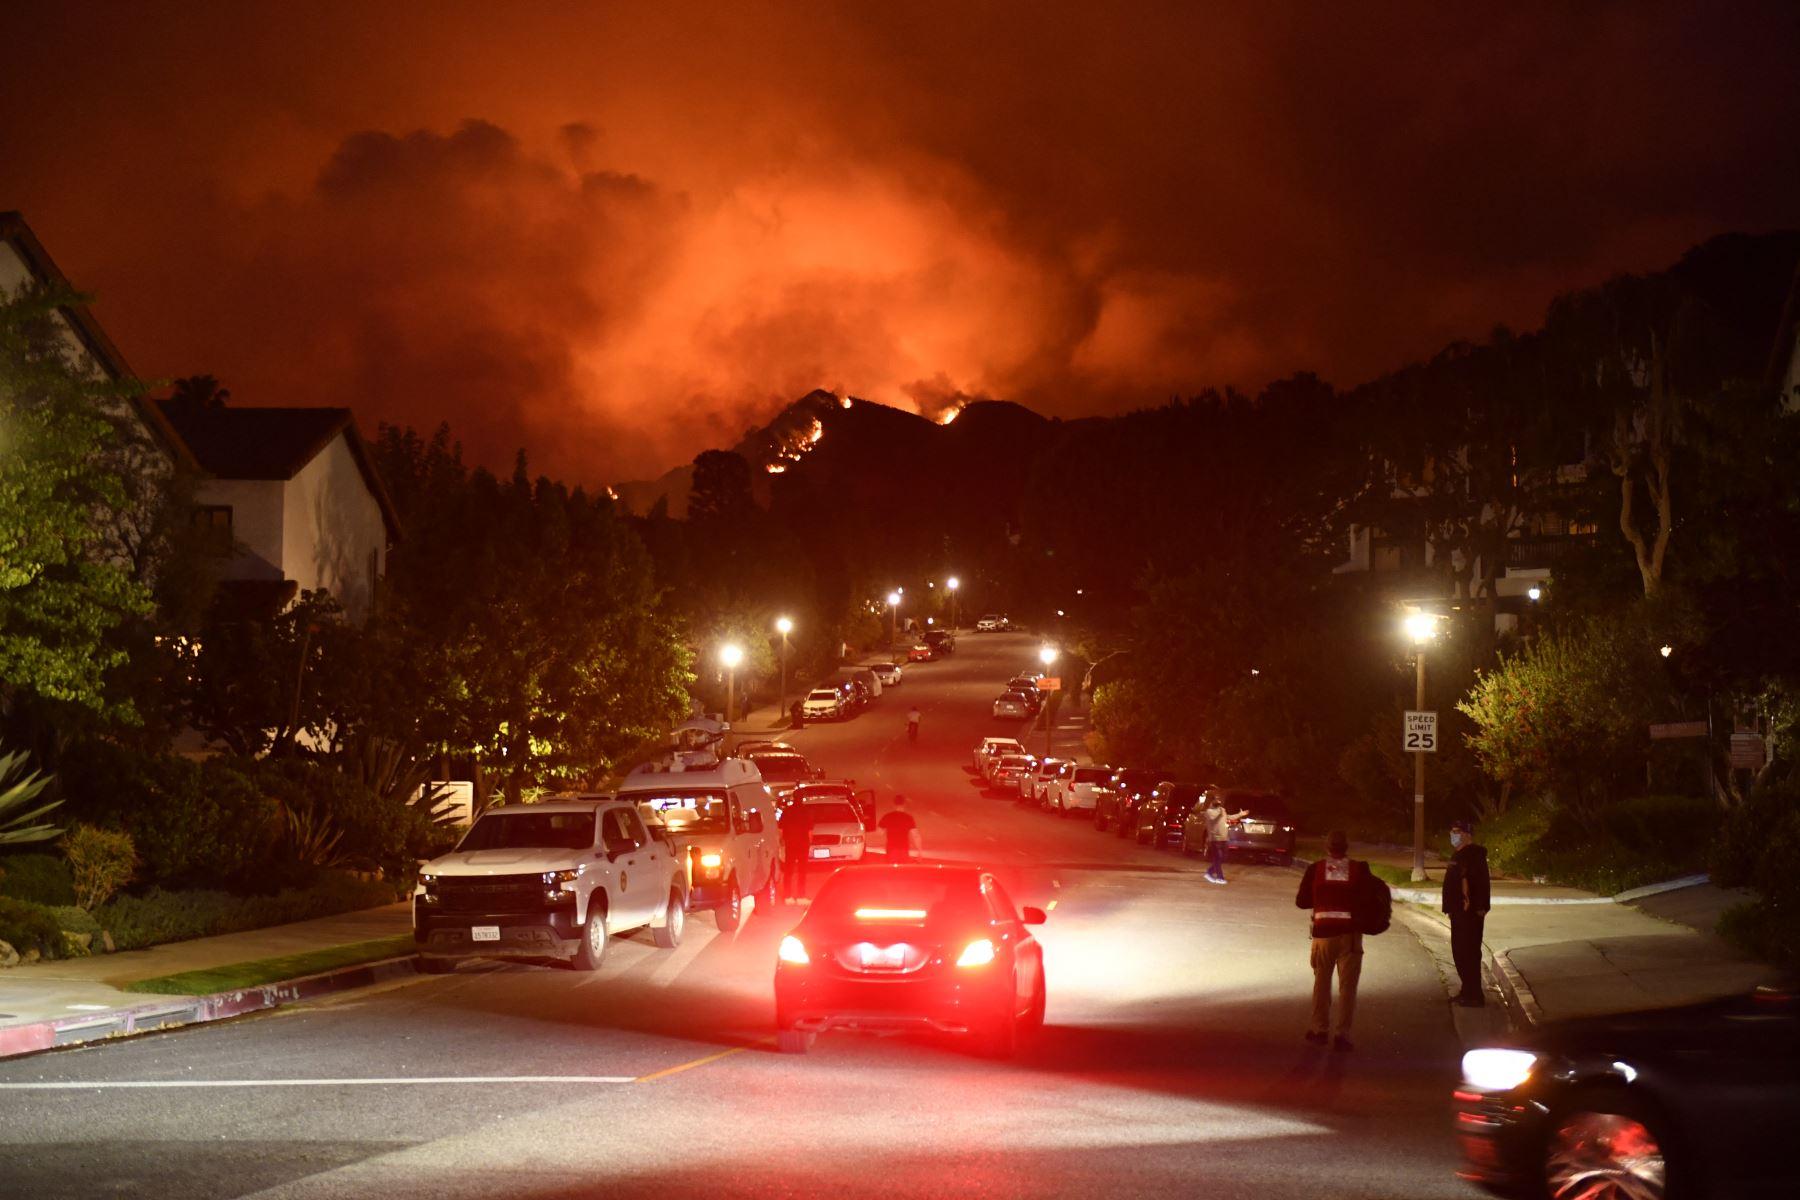 El mayor incendio activo en EE. UU. supera las 80,000 hectáreas calcinadas